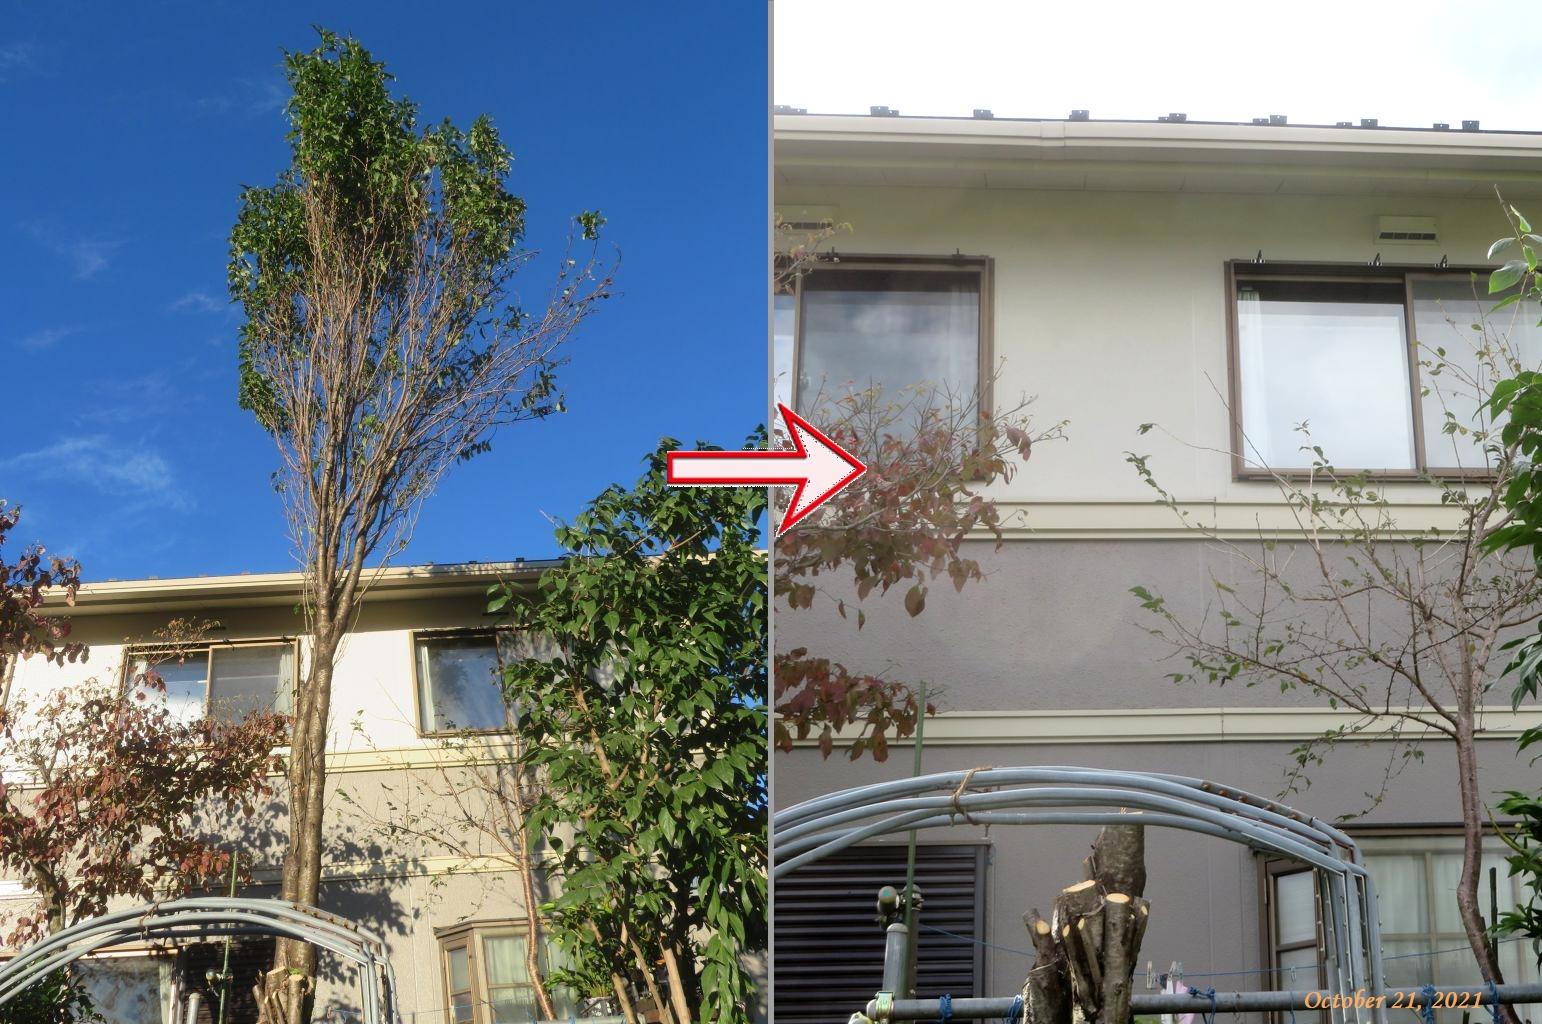 画像6(ハナモモの木の伐採)